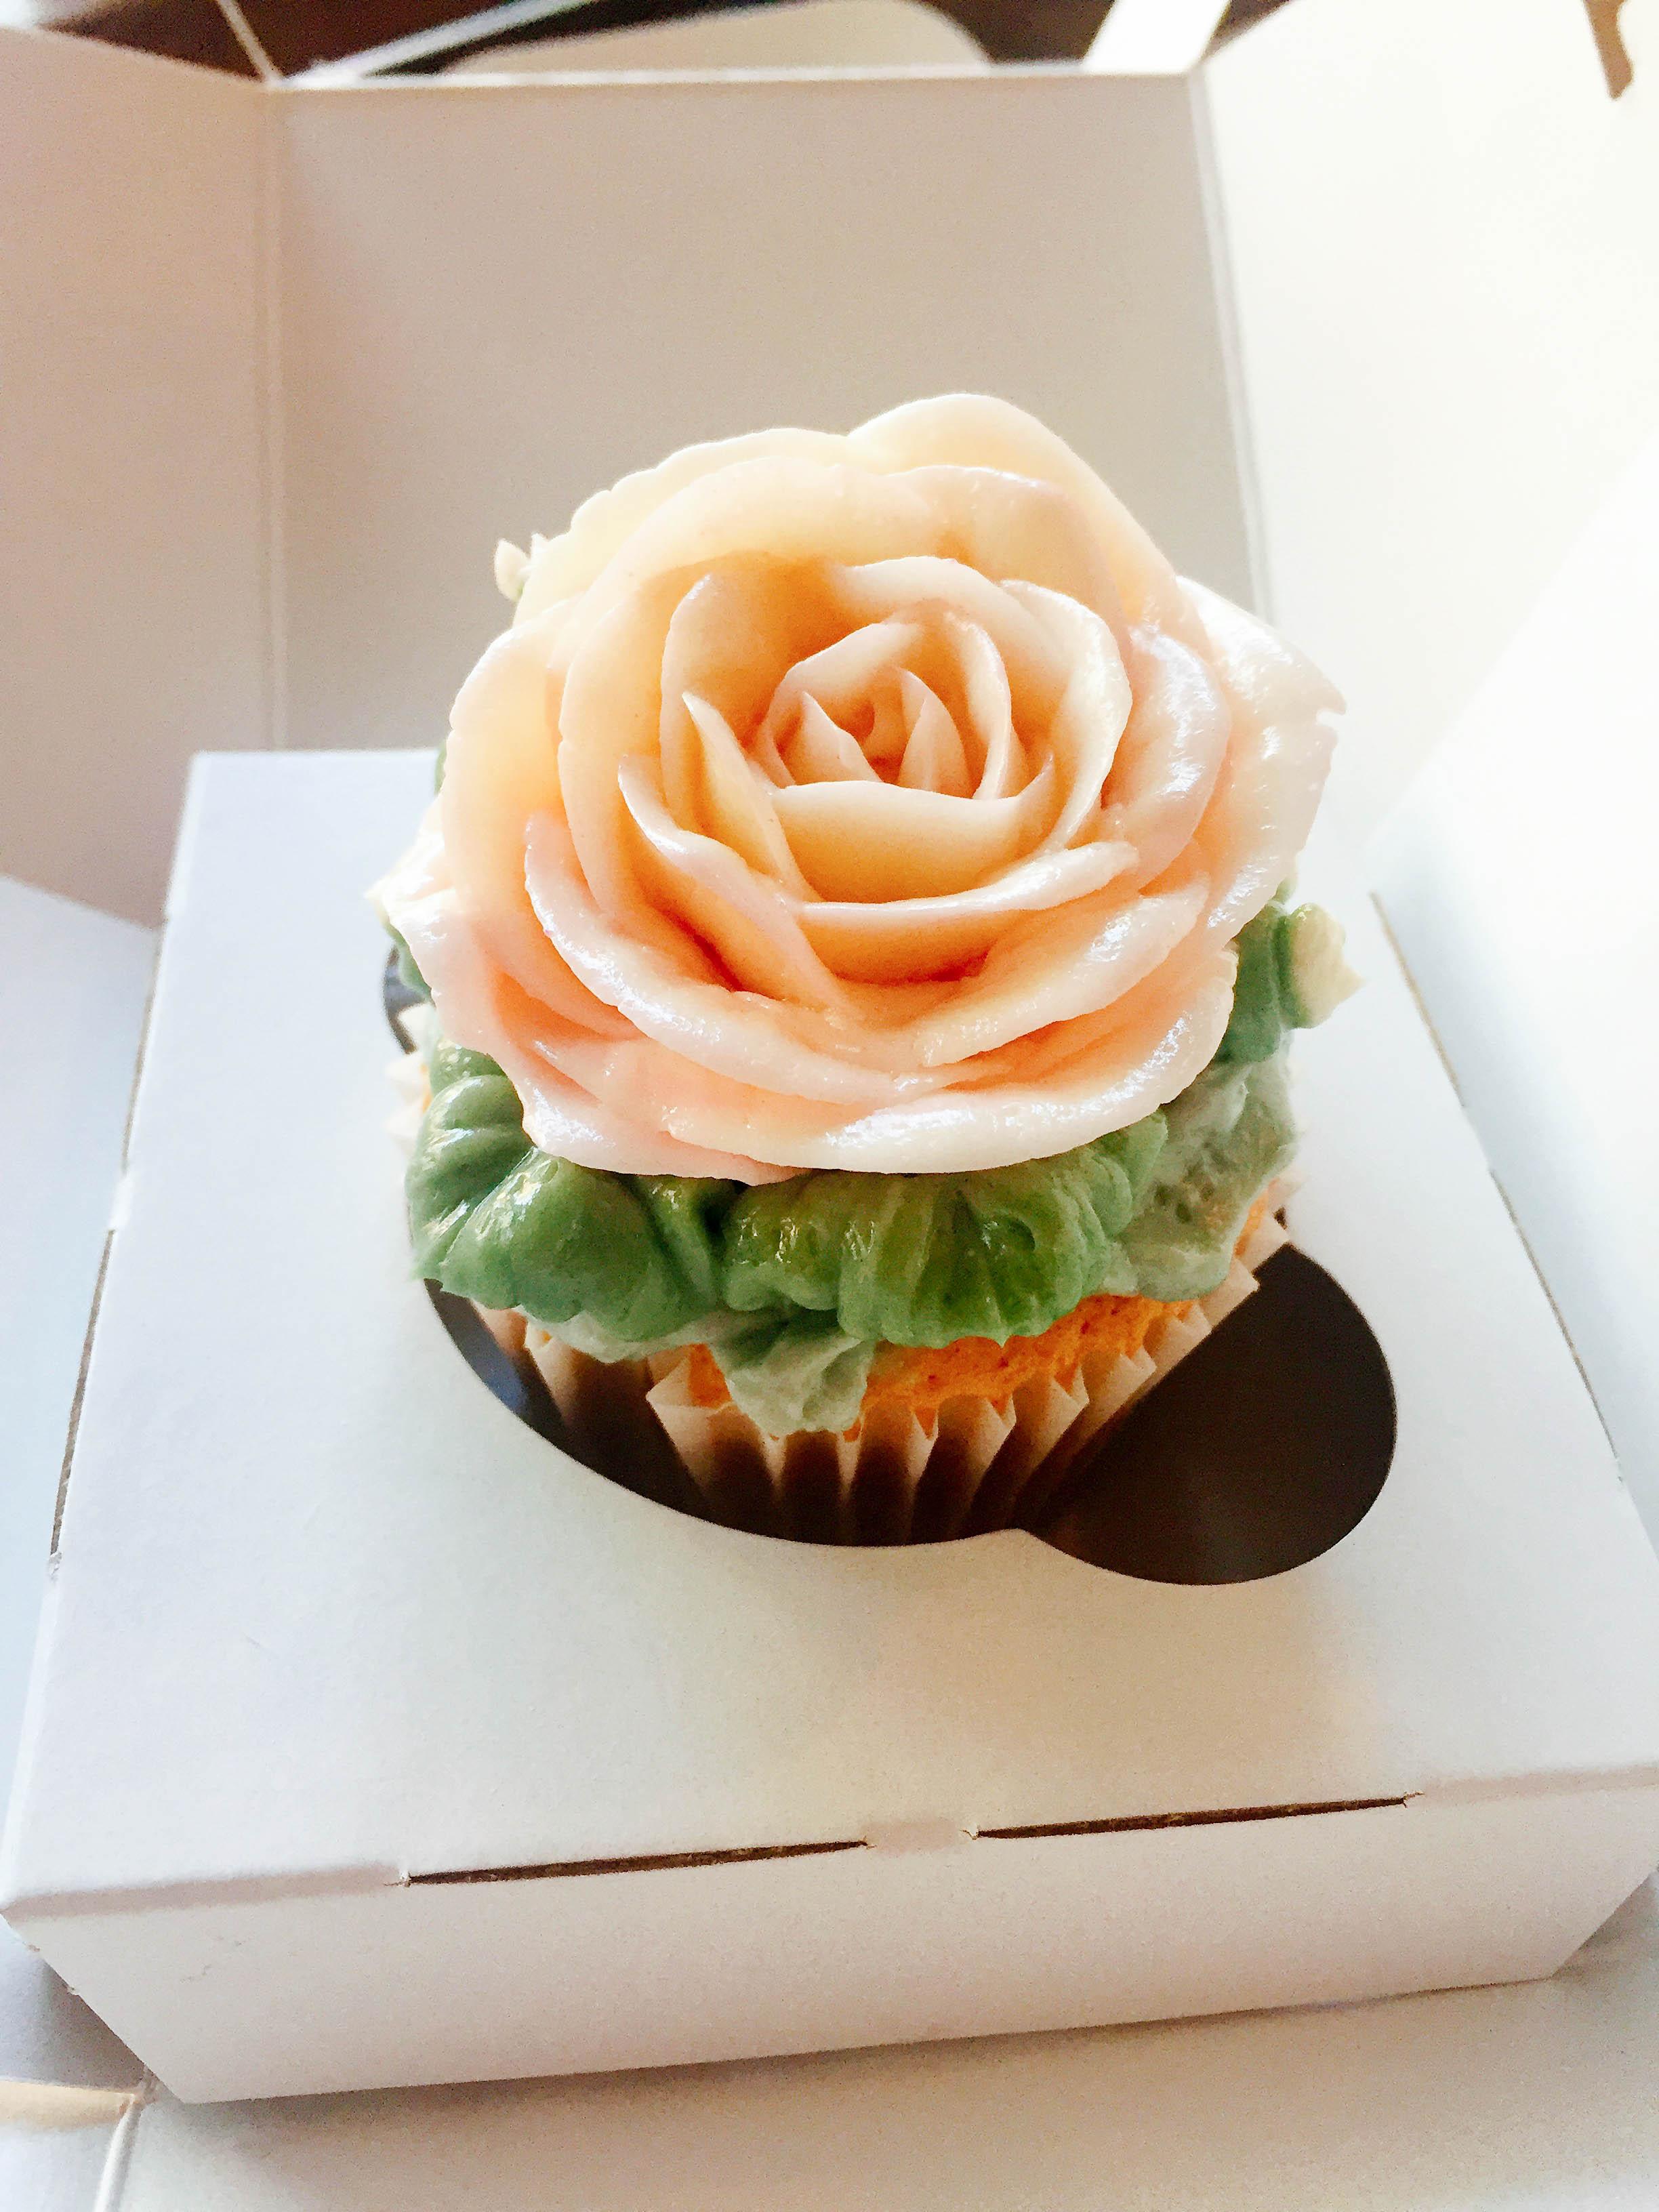 My VIP cupcake